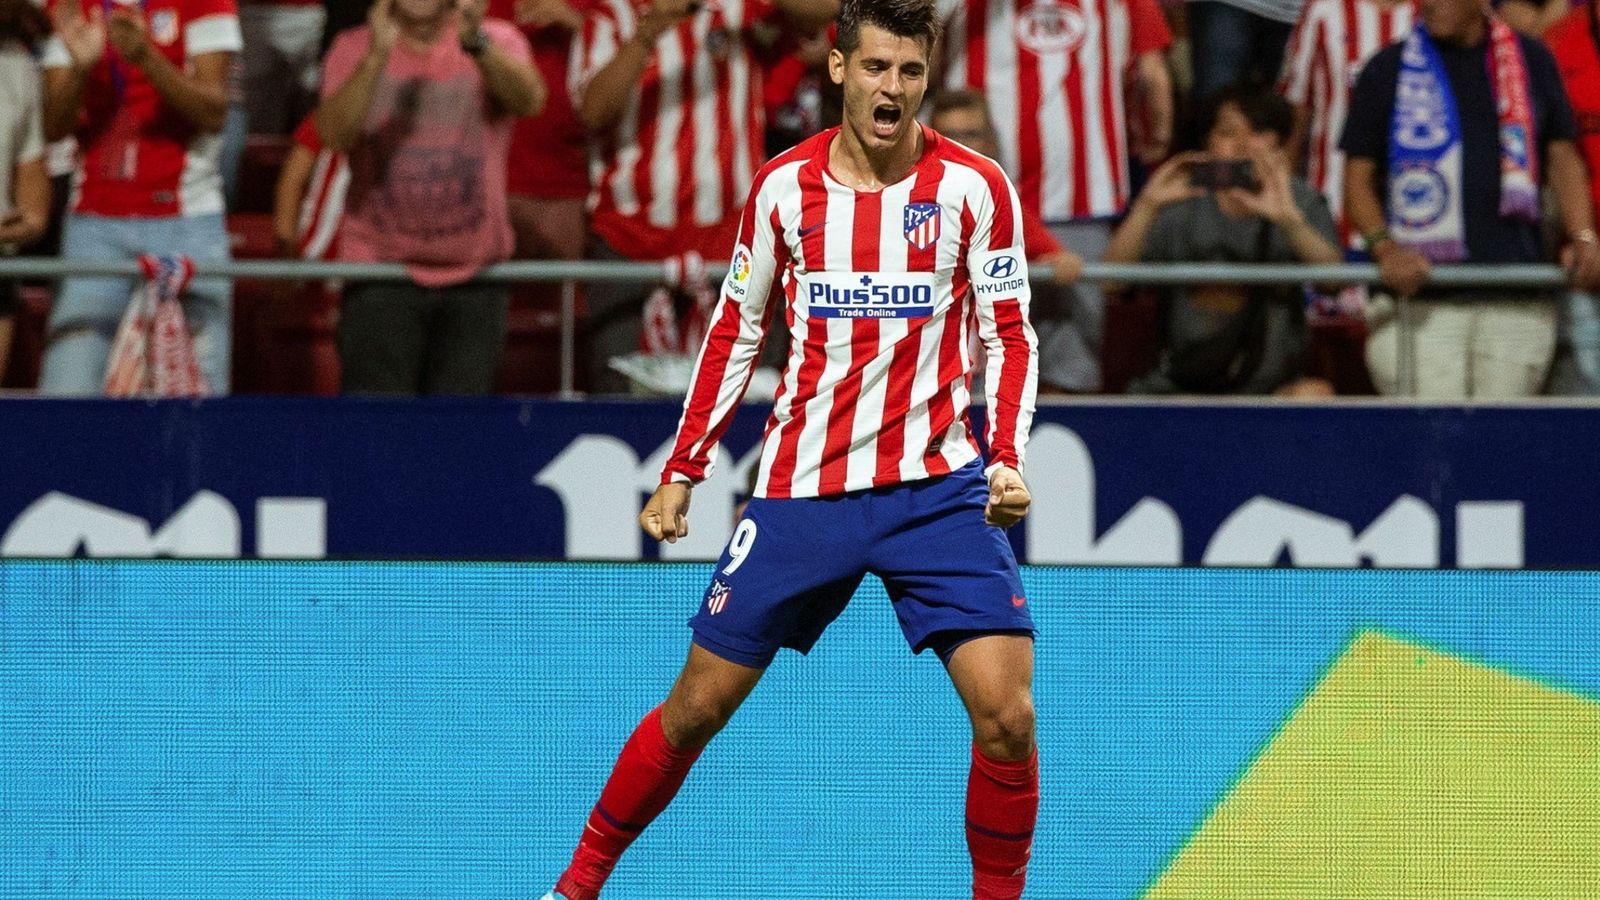 Foto: Morata celebrando el gol ante el Getafe (EFE)